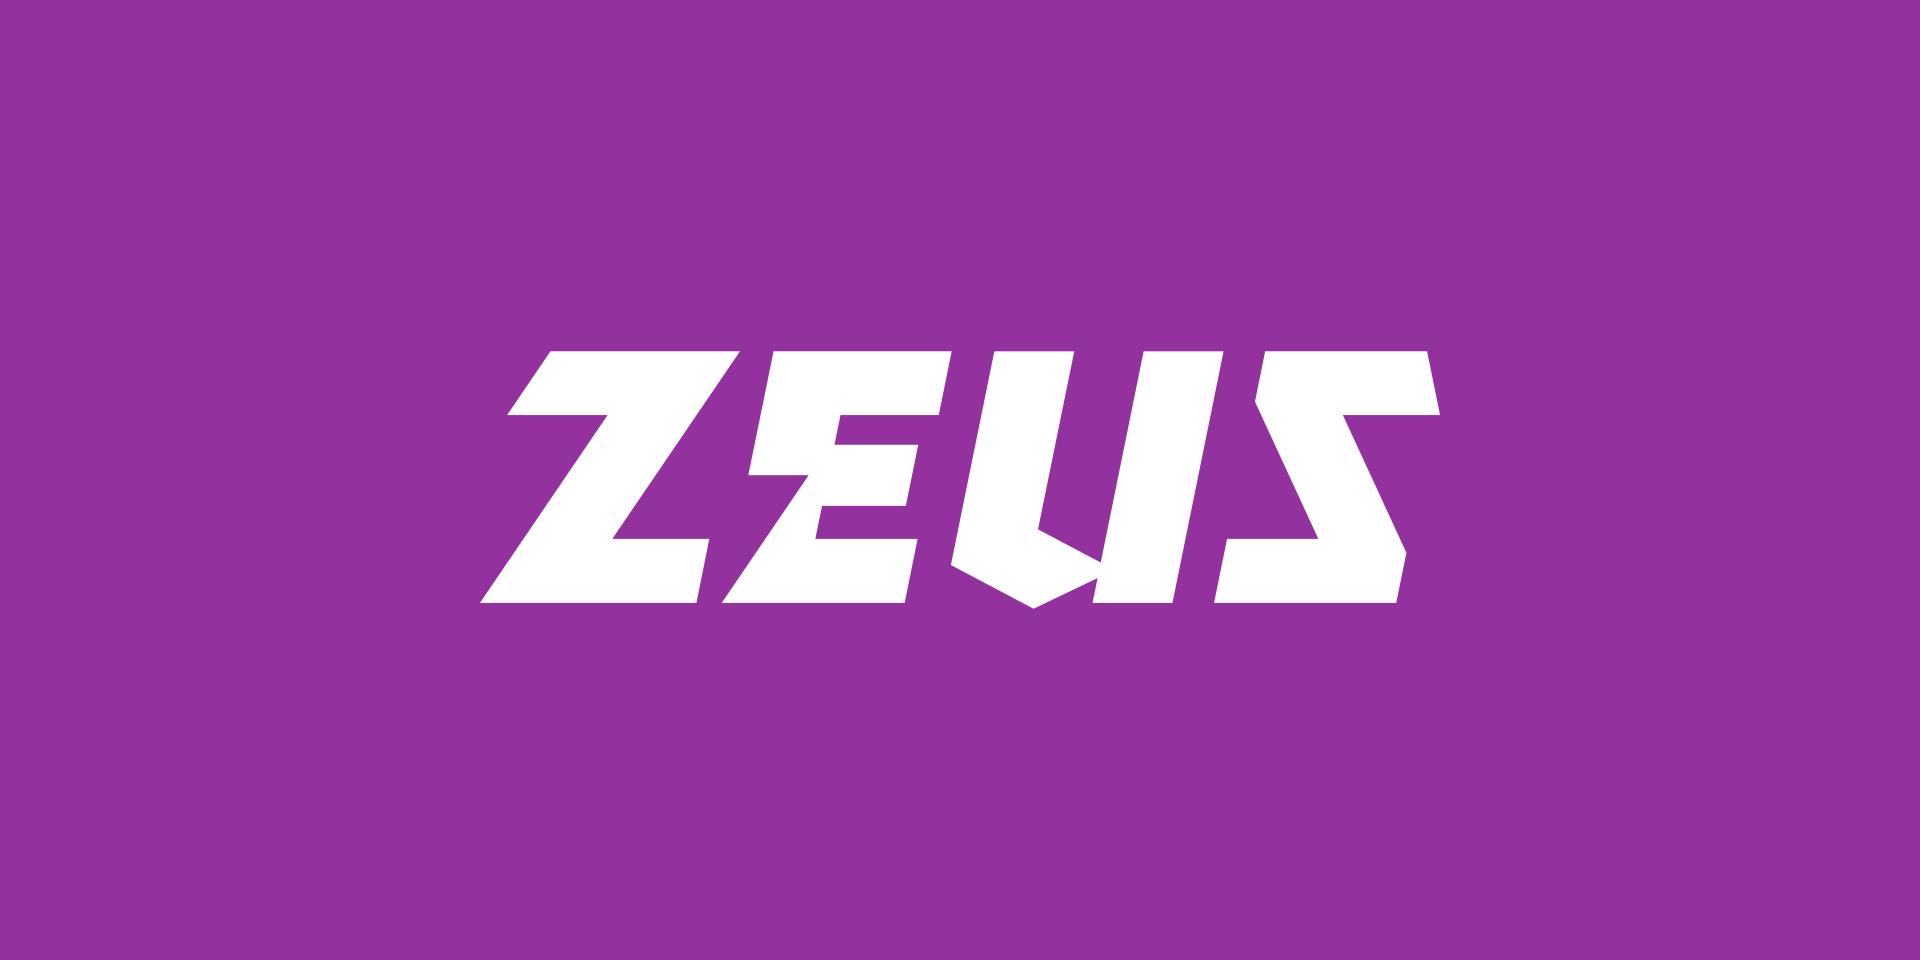 Zeus logo on purple